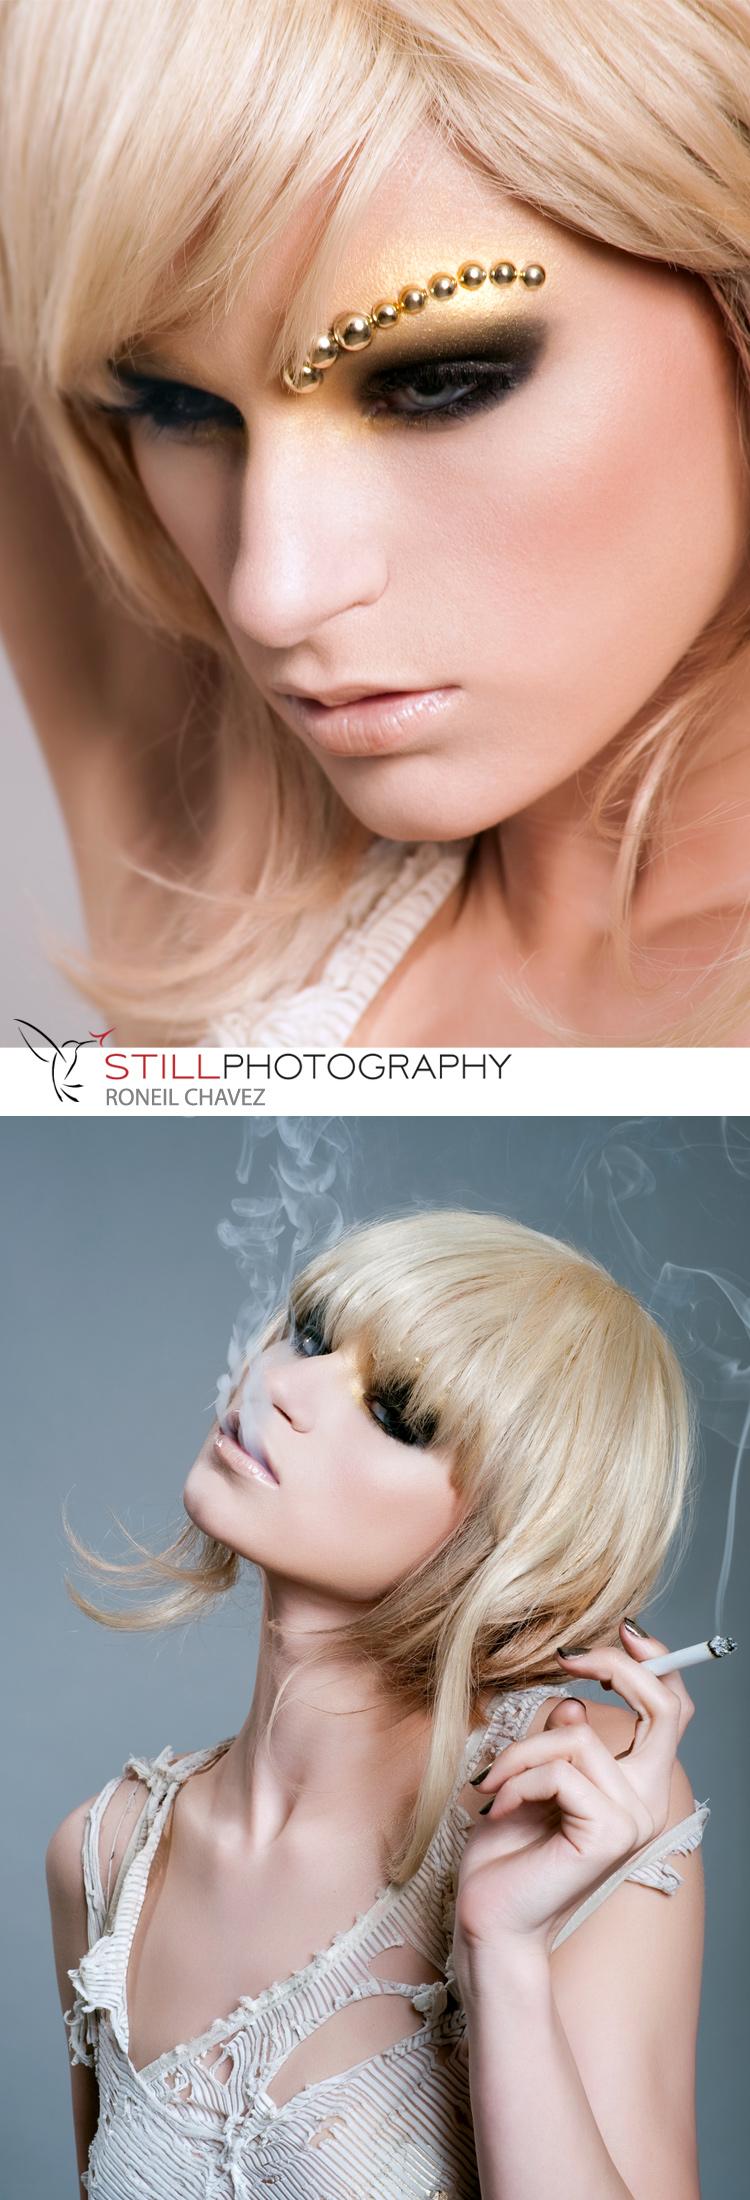 Apr 29, 2009 < 3            [p.s. i dont smoke cigs.]